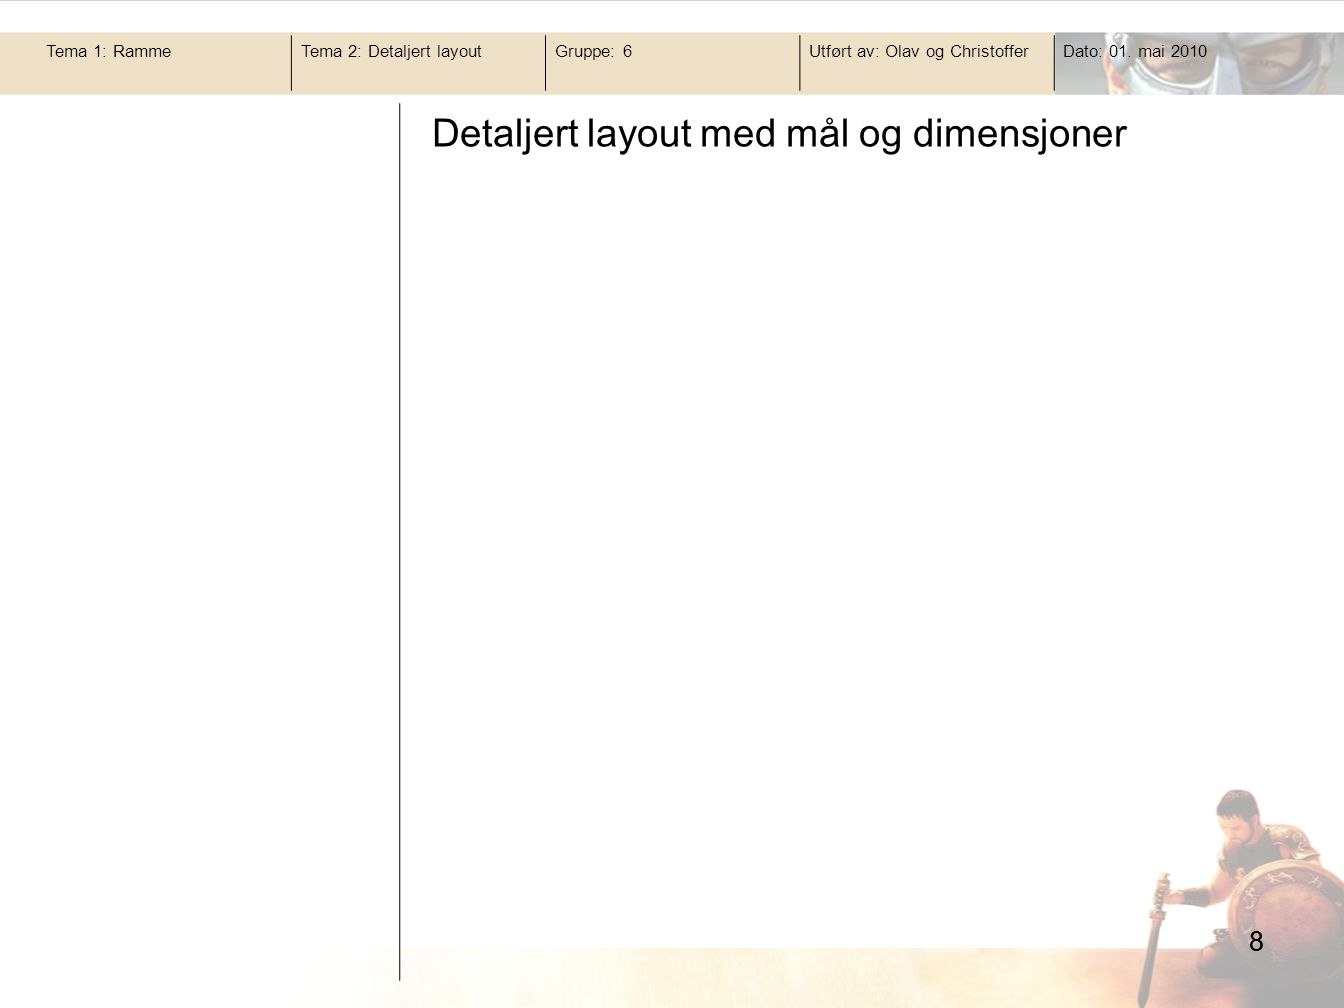 Detaljert layout med mål og dimensjoner 8 Tema 1: RammeTema 2: Detaljert layoutGruppe: 6Utført av: Olav og ChristofferDato: 01.